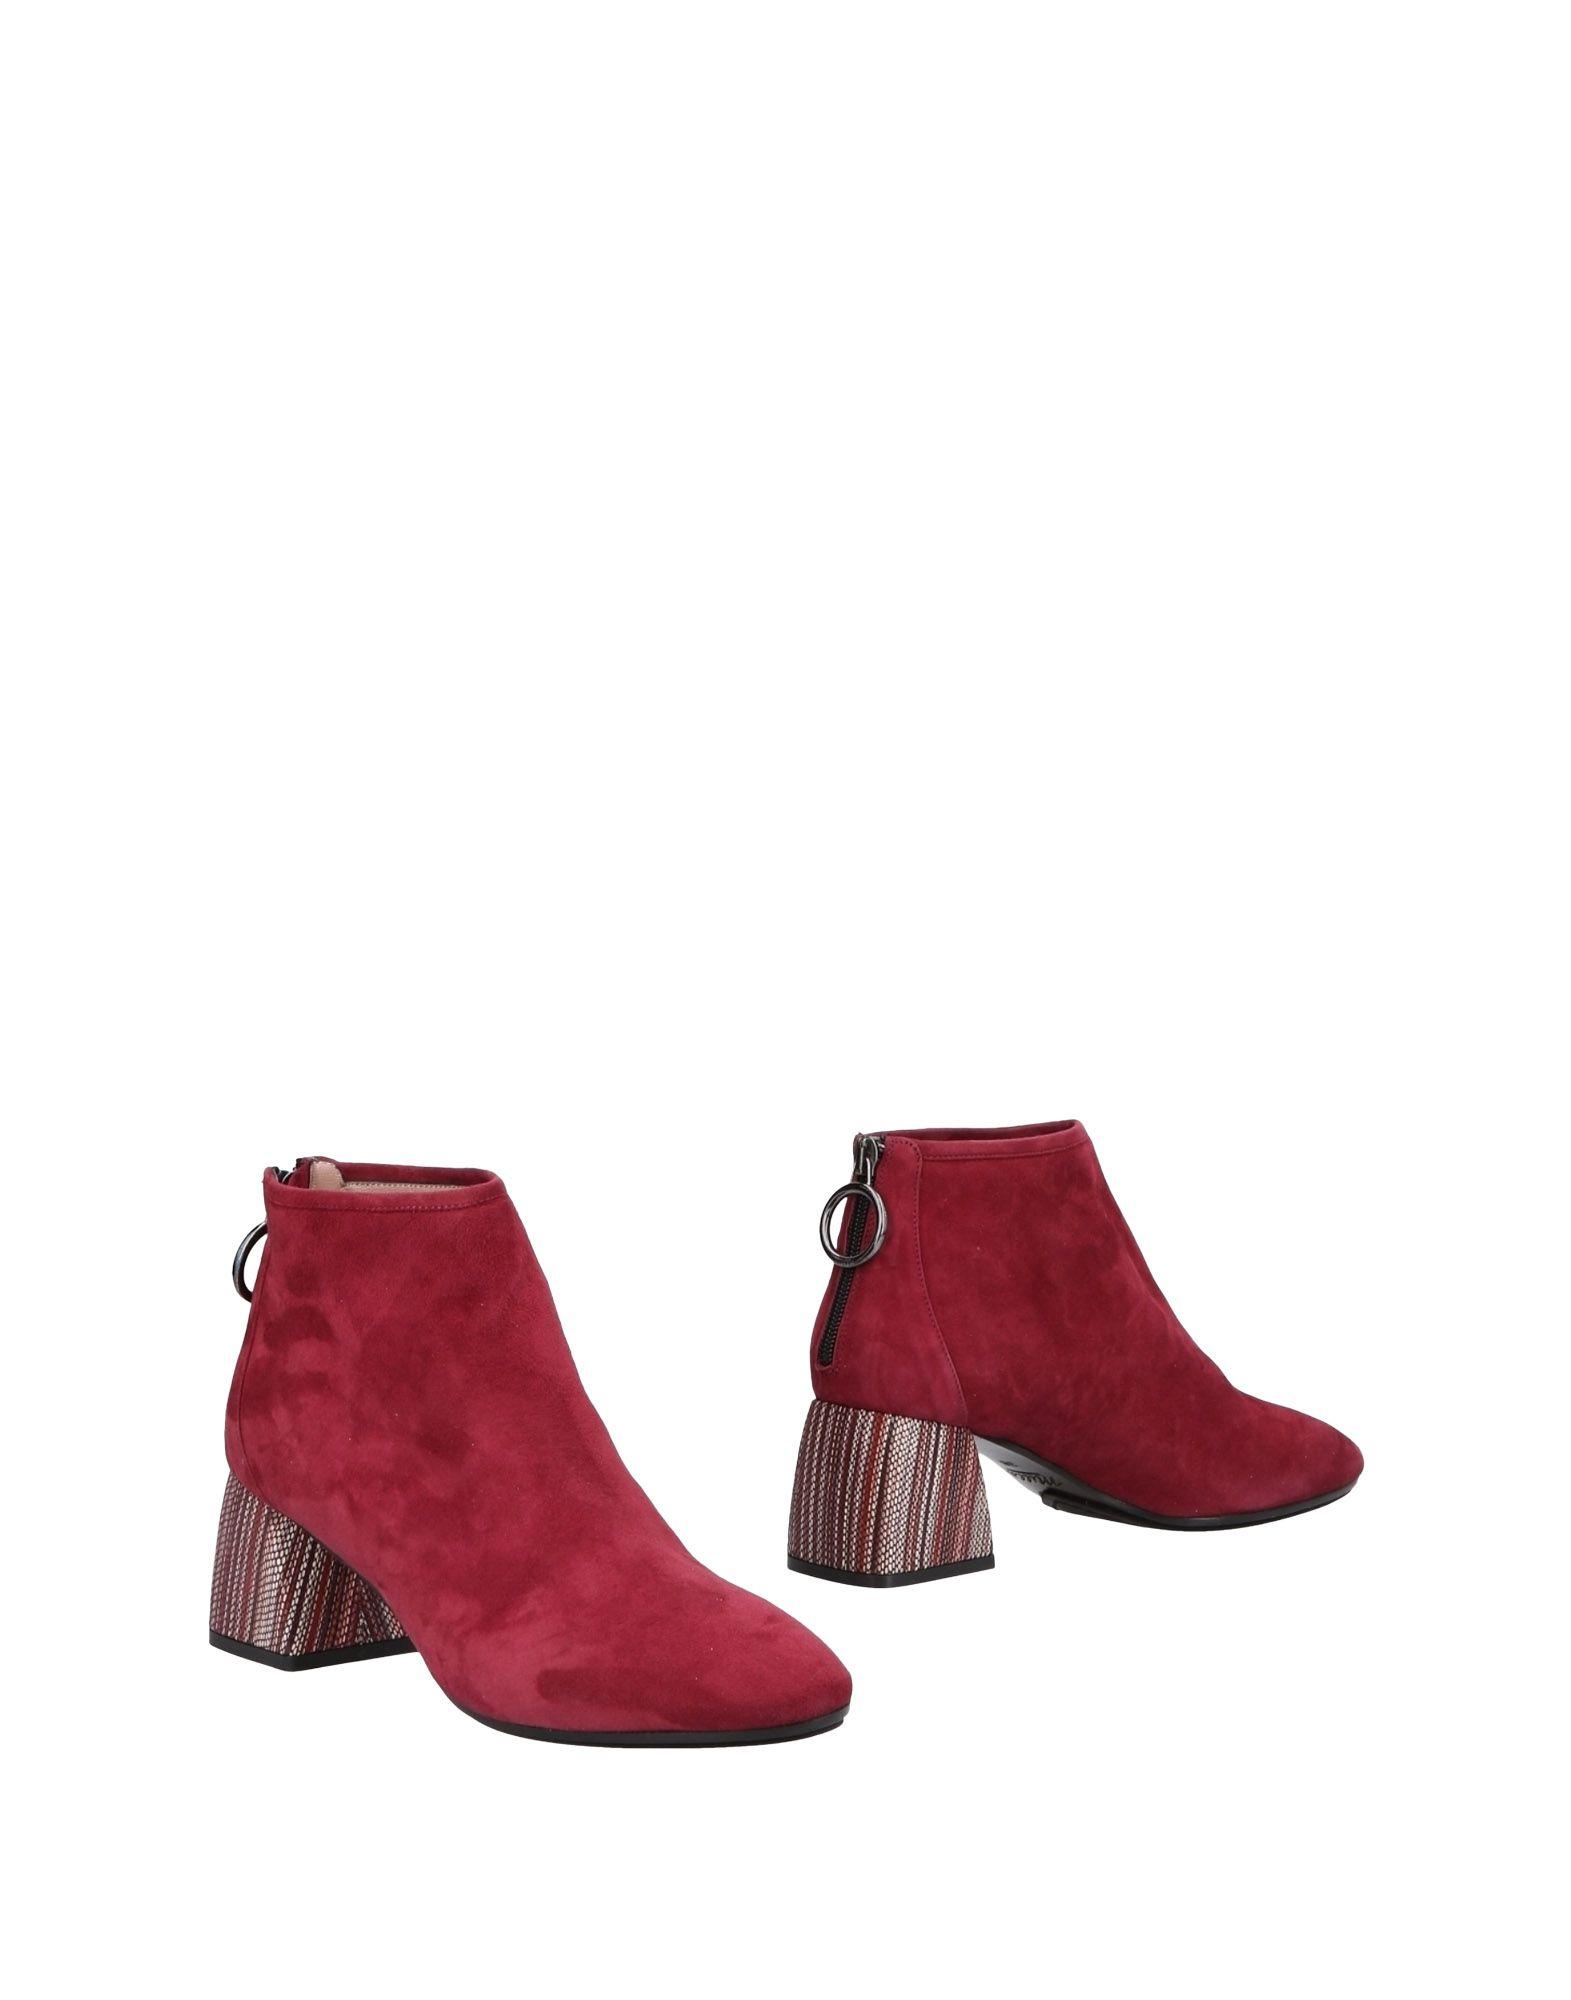 Stilvolle Millà billige Schuhe Millà Stilvolle Stiefelette Damen  11473315ES dbe89b